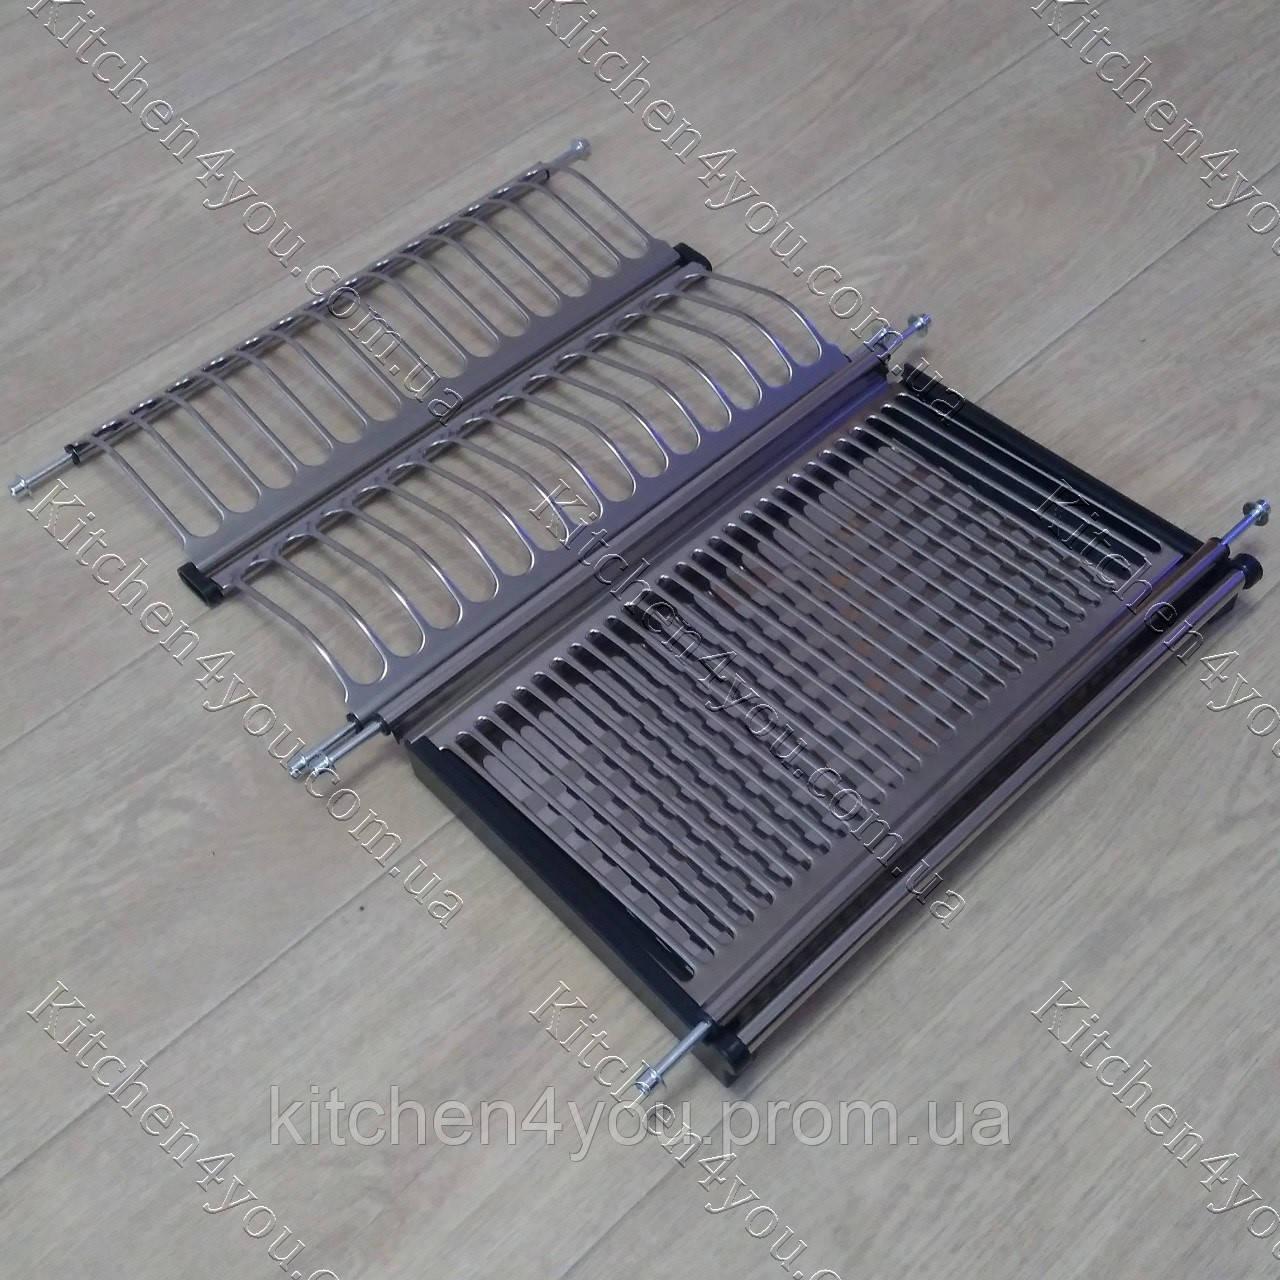 Вбудована сушка в секцію 450 мм. для посуду з нержавіючої сталі